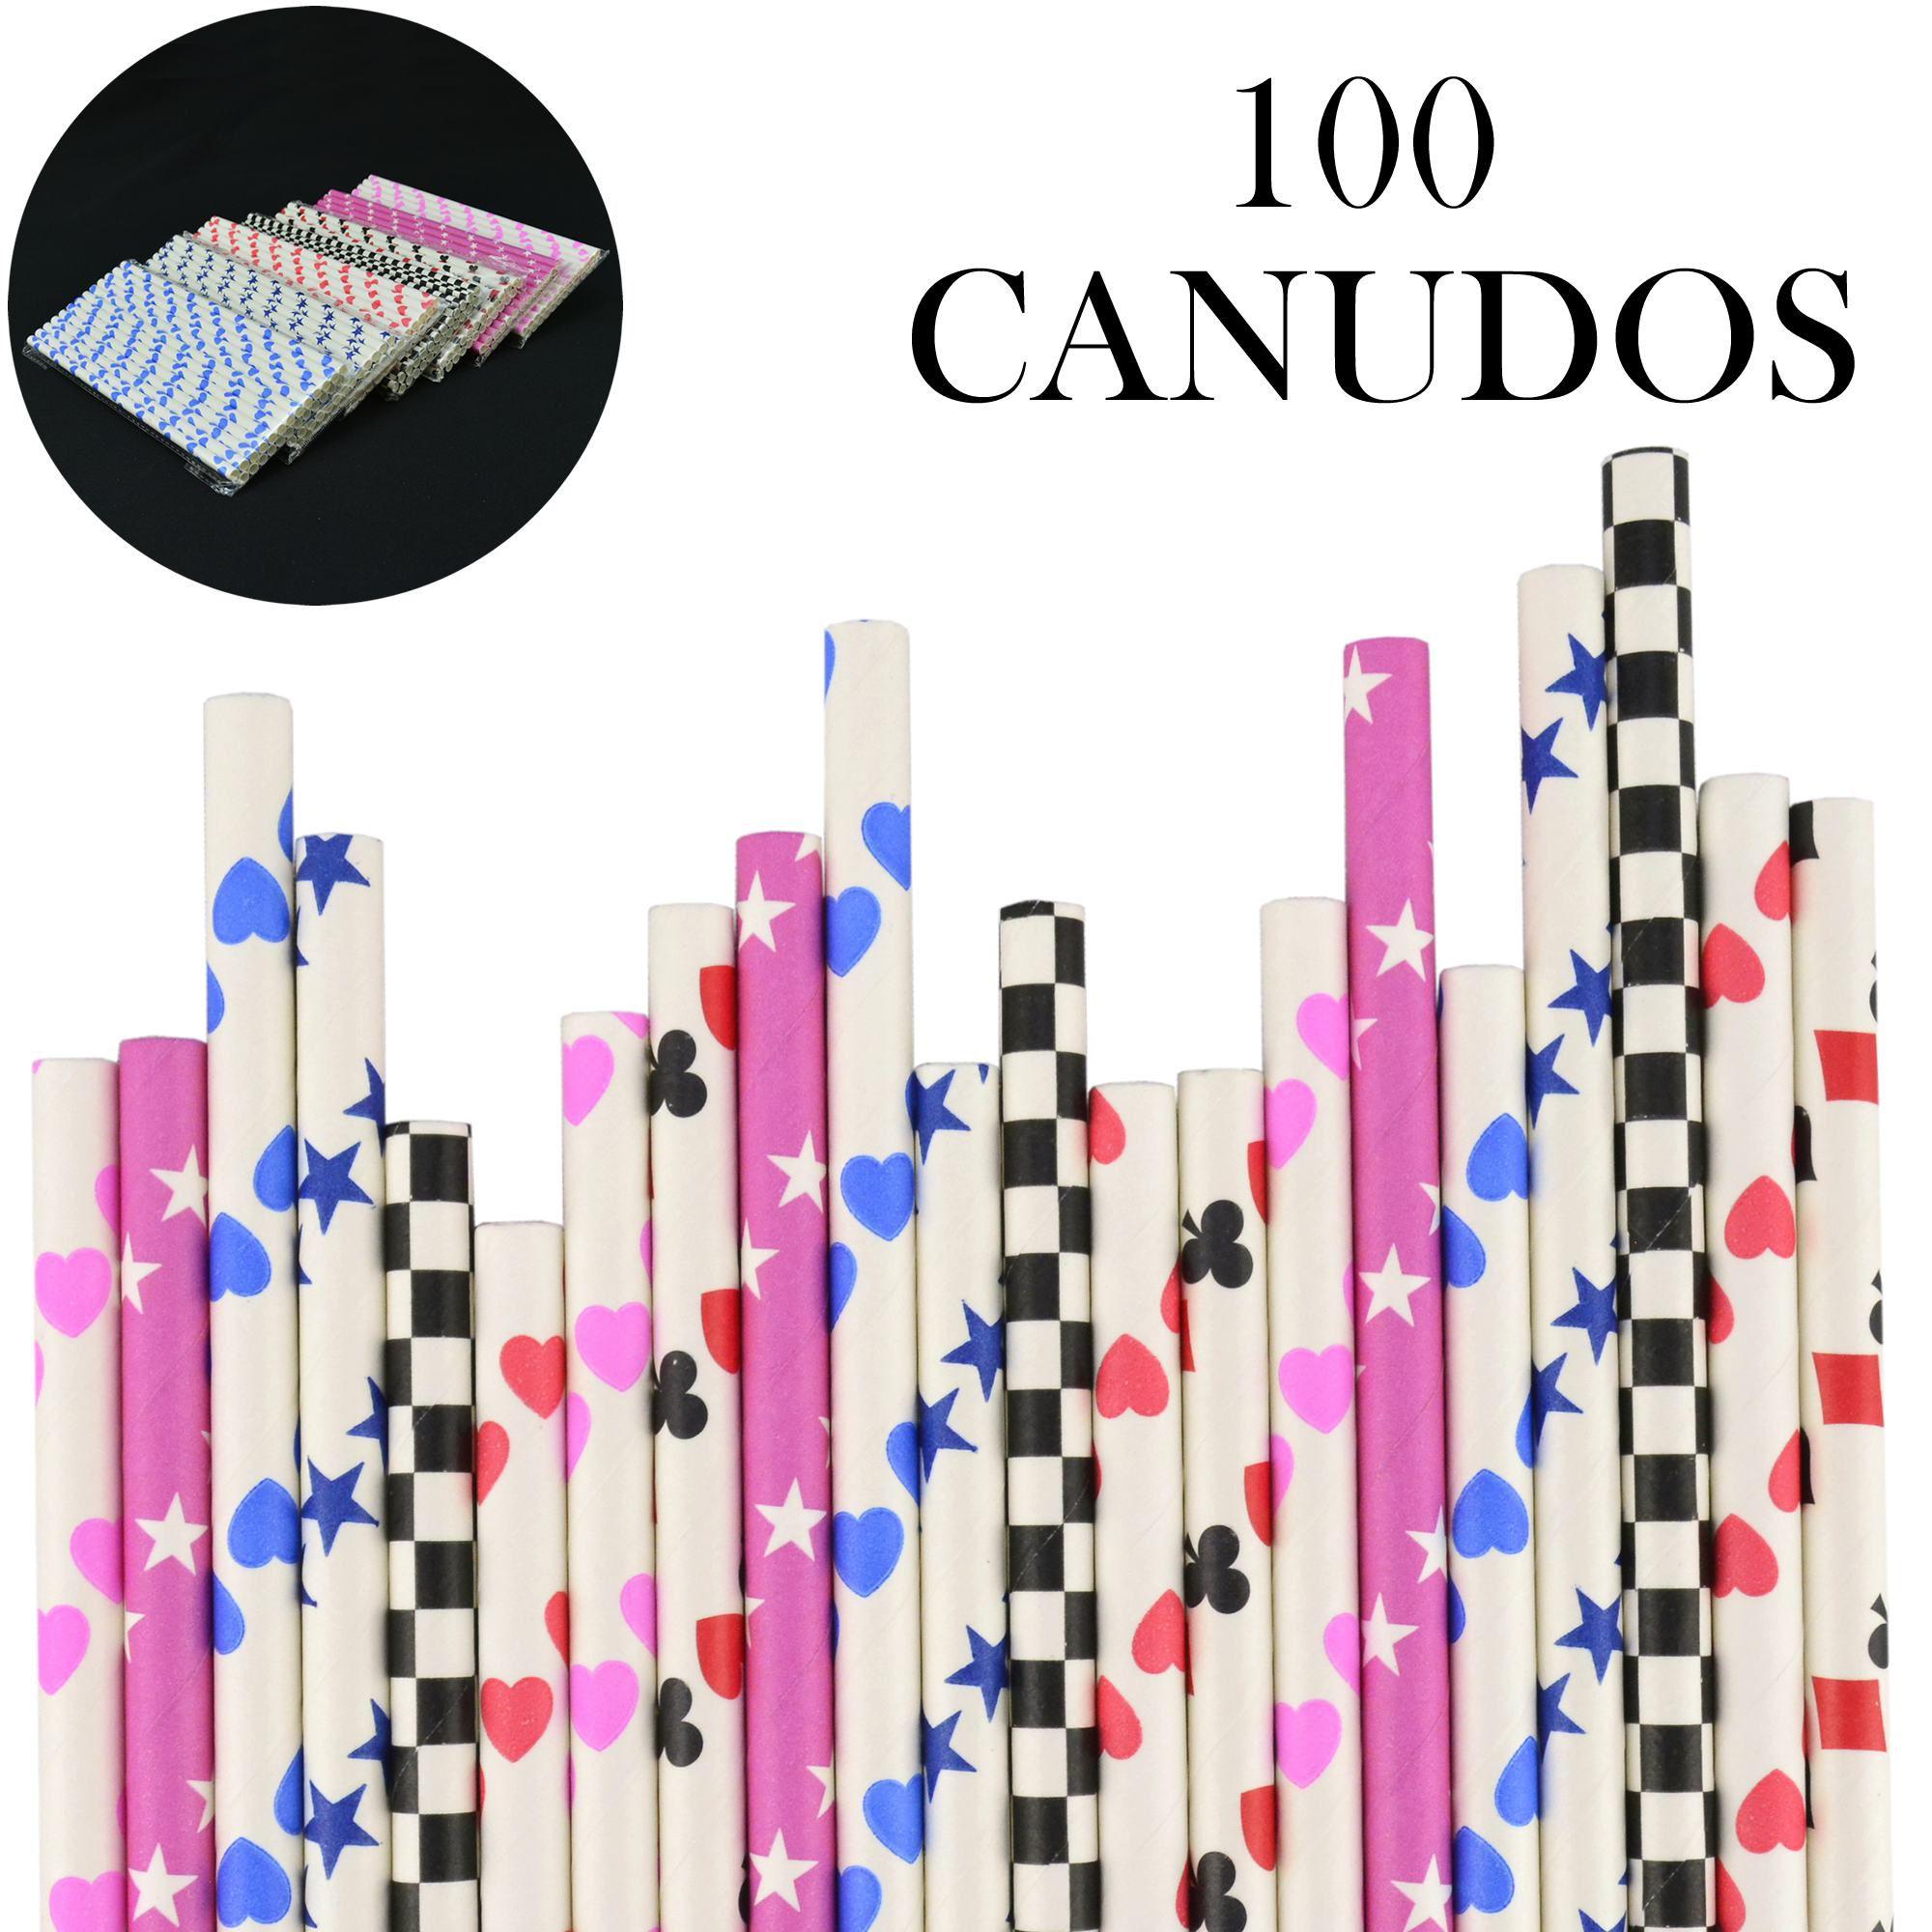 Canudos de Papel Biodegradável Festa 100 Unidades CBRN10905